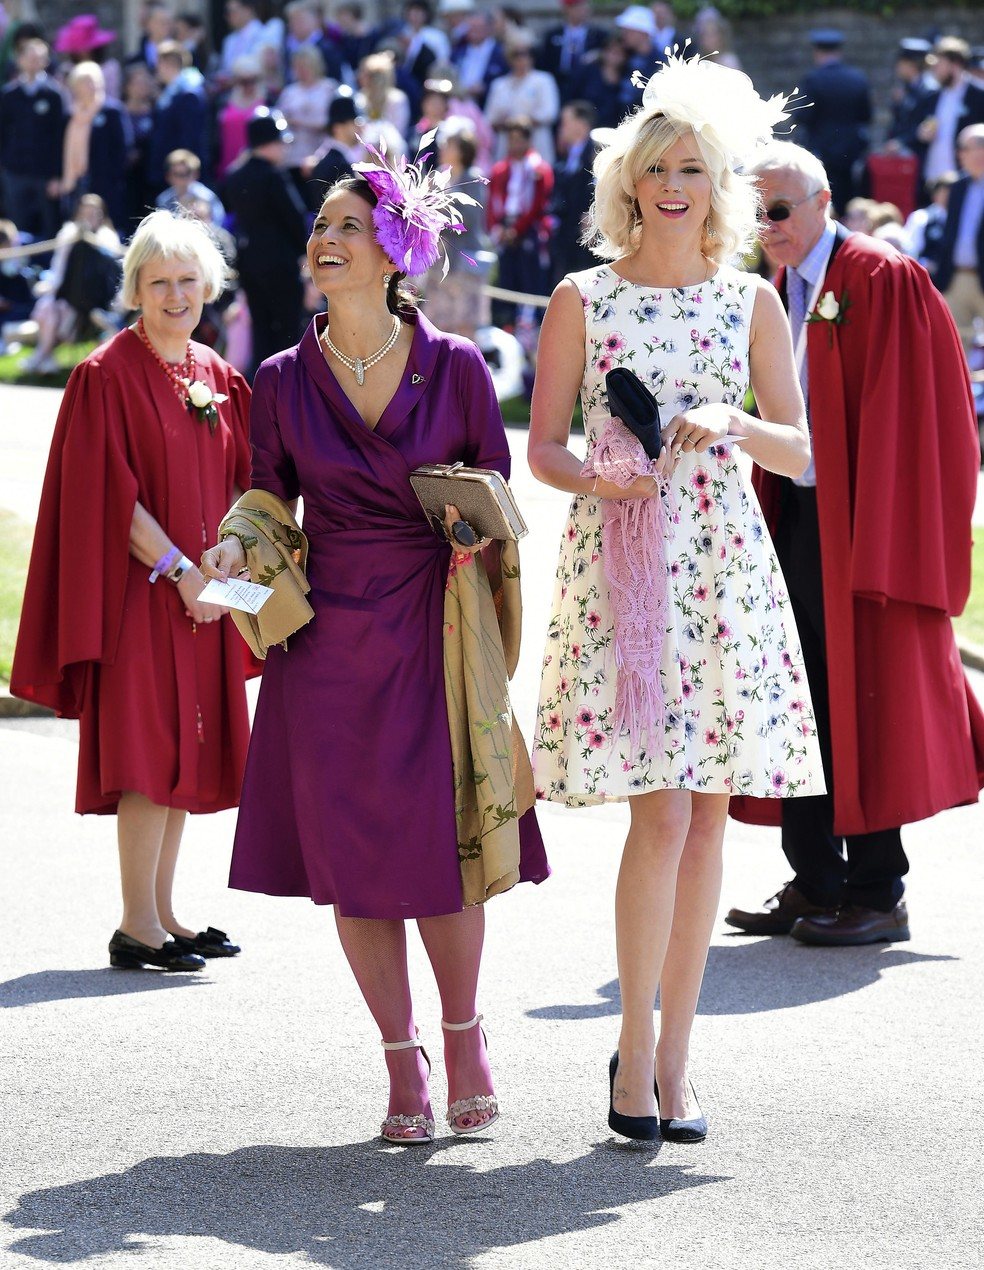 Joss Stone, cantora inglesa, chega ao casamento real de Príncipe Harry e Meghan Markle (Foto: Ian West/Pool via AP)